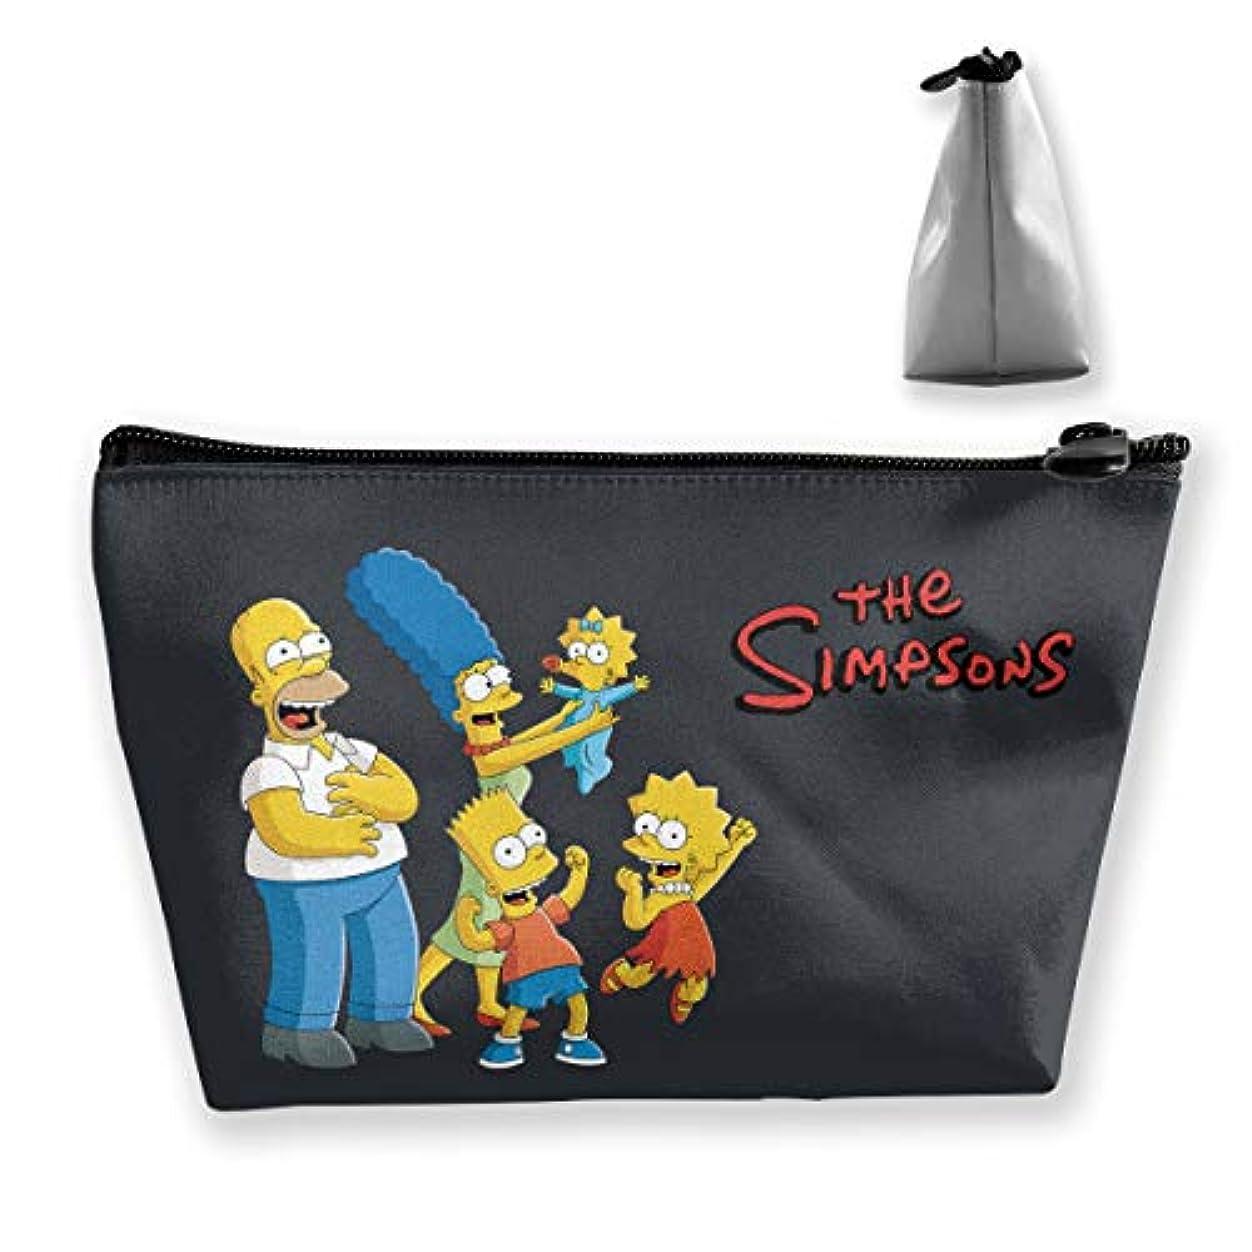 せせらぎはっきりと胚DSM_TXSND ザ シンプソンズ Simpsons 化粧ポーチ ポーチ 小物入れ 多機能コスメポーチ メイクポーチ 化粧バッグ 化粧品 コスメ収納 便利 収納ポーチ 旅行用 収納ケース 化粧ポーチ